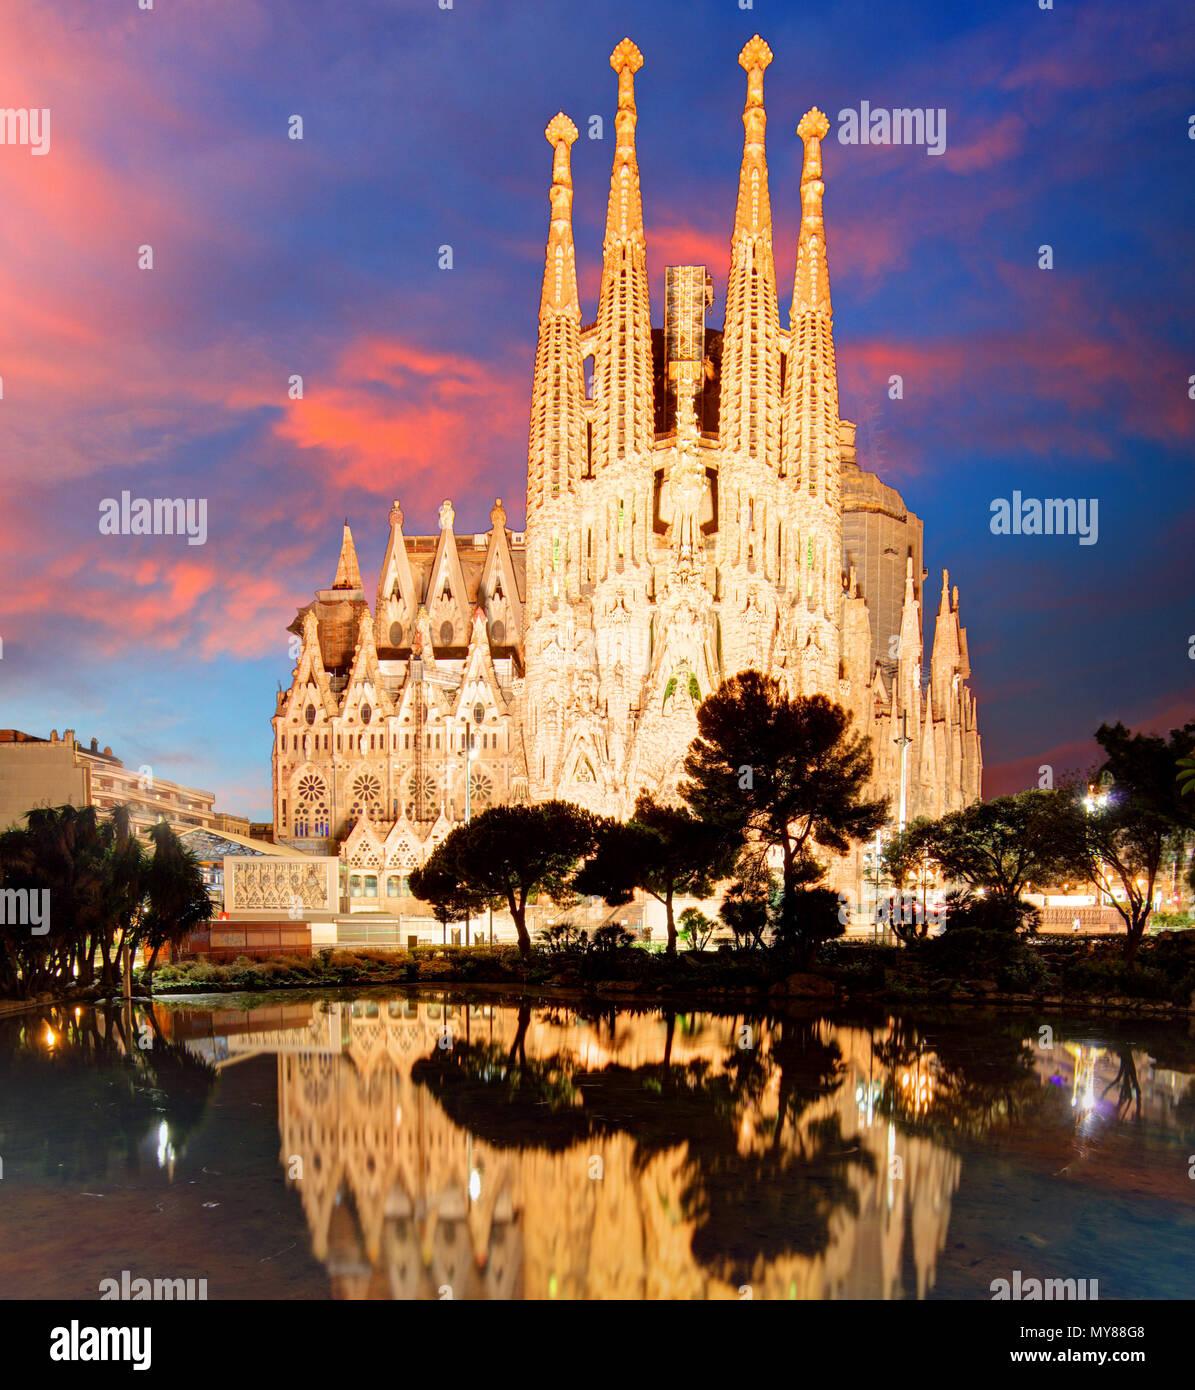 BARCELONA, Spanien - FEB 10: Blick auf die Sagrada Familia, eine große katholische Kirche in Barcelona, Spanien, entworfen von katalanischen Architekten Antoni Gaudi, Stockbild